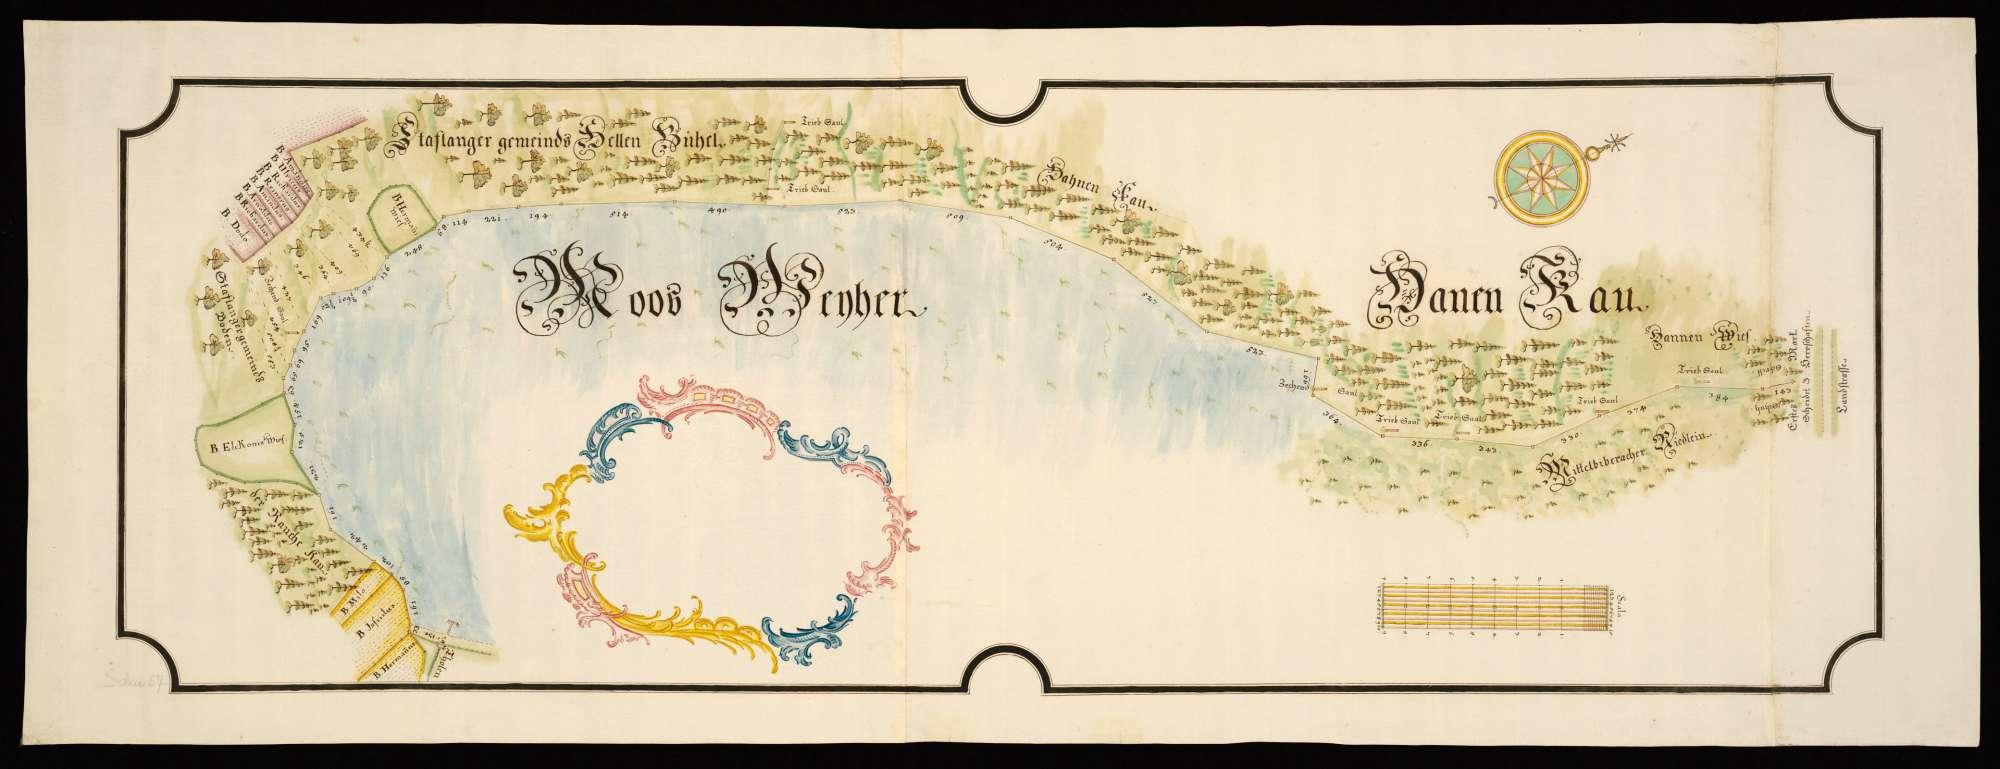 Stafflangen [Karte der Grenz-, Trieb- und Jurisdiktionsverhältnisse am Moosweiher bei Stafflangen], Bild 2